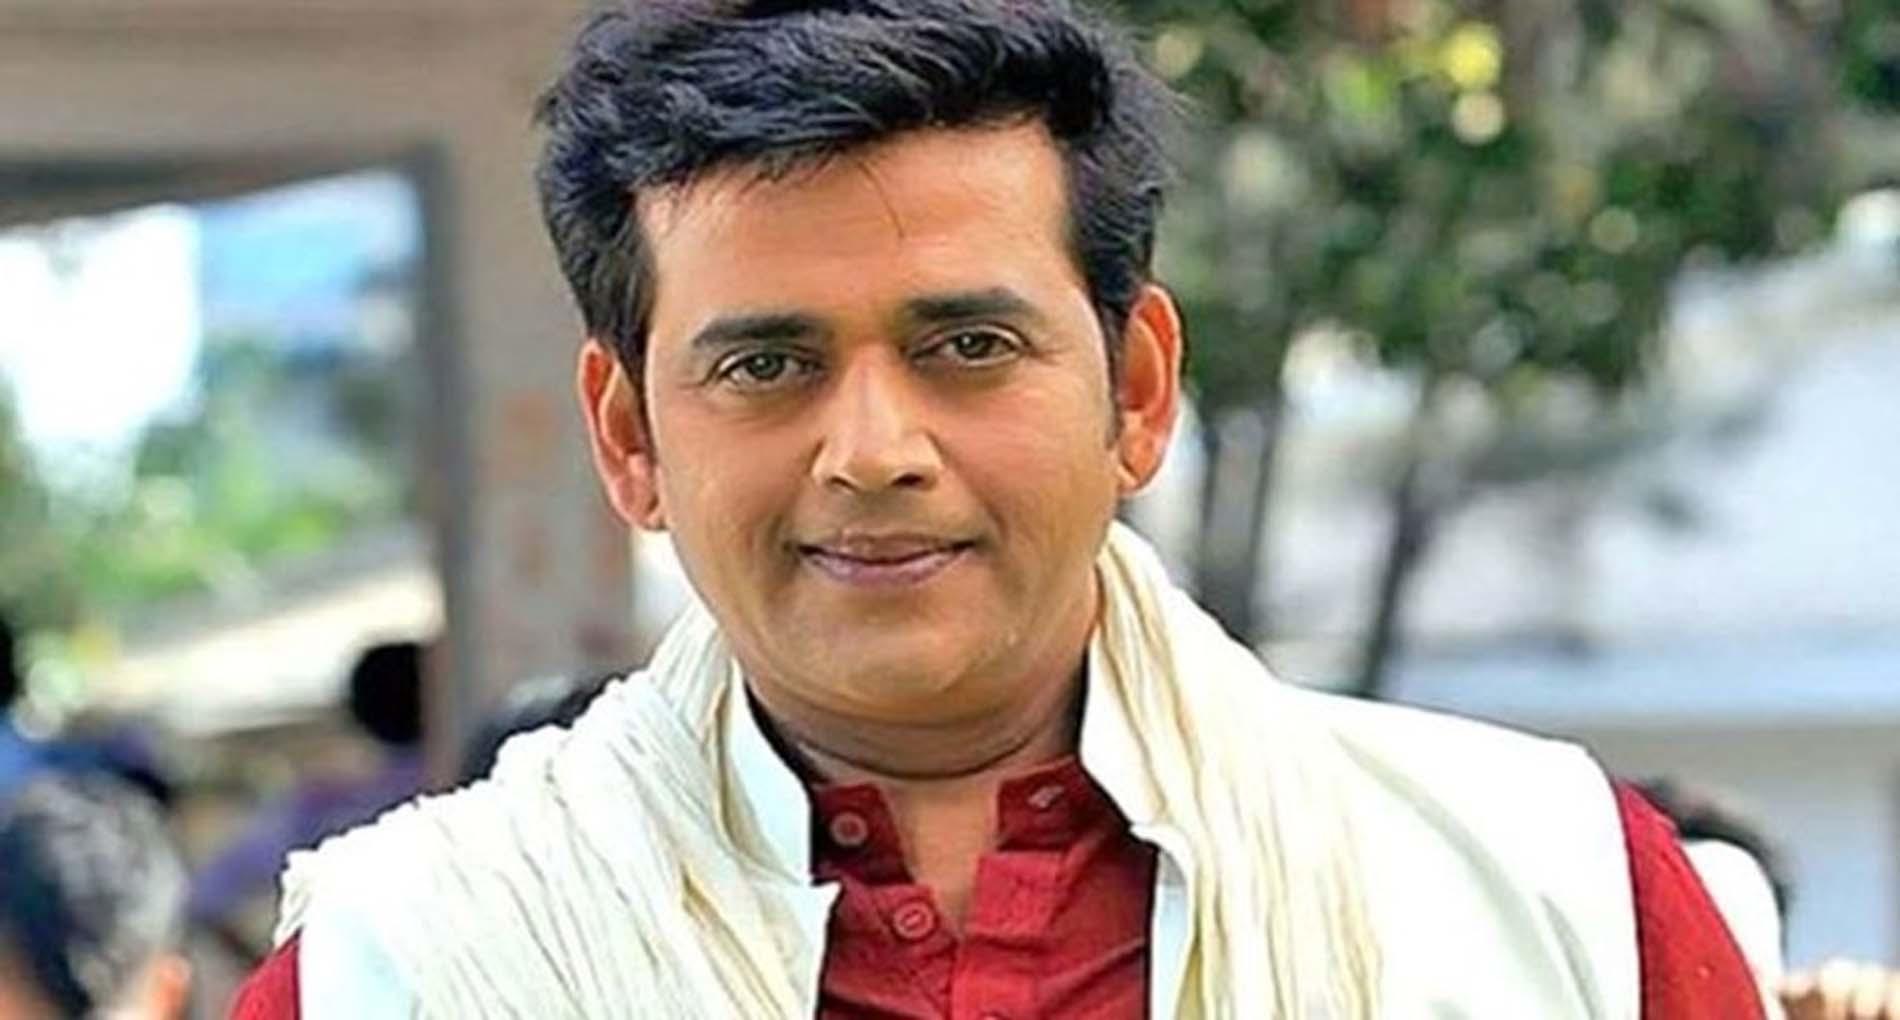 रवि किशन ने बताई मुंबई में संघर्ष की कहानी, आखिर क्यों हटाना पड़ा था नाम से शुक्ला?